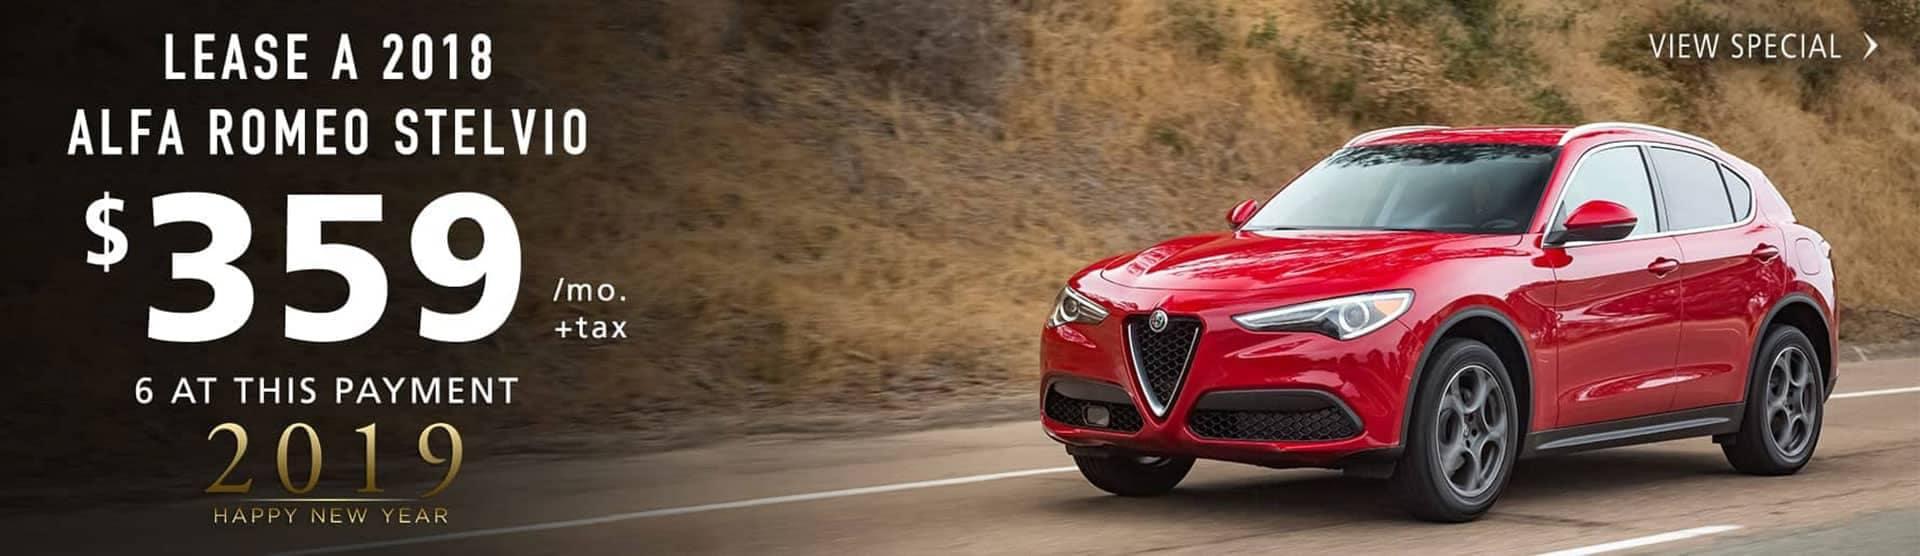 Slider-2018-Alfa-Romeo-Stelvio